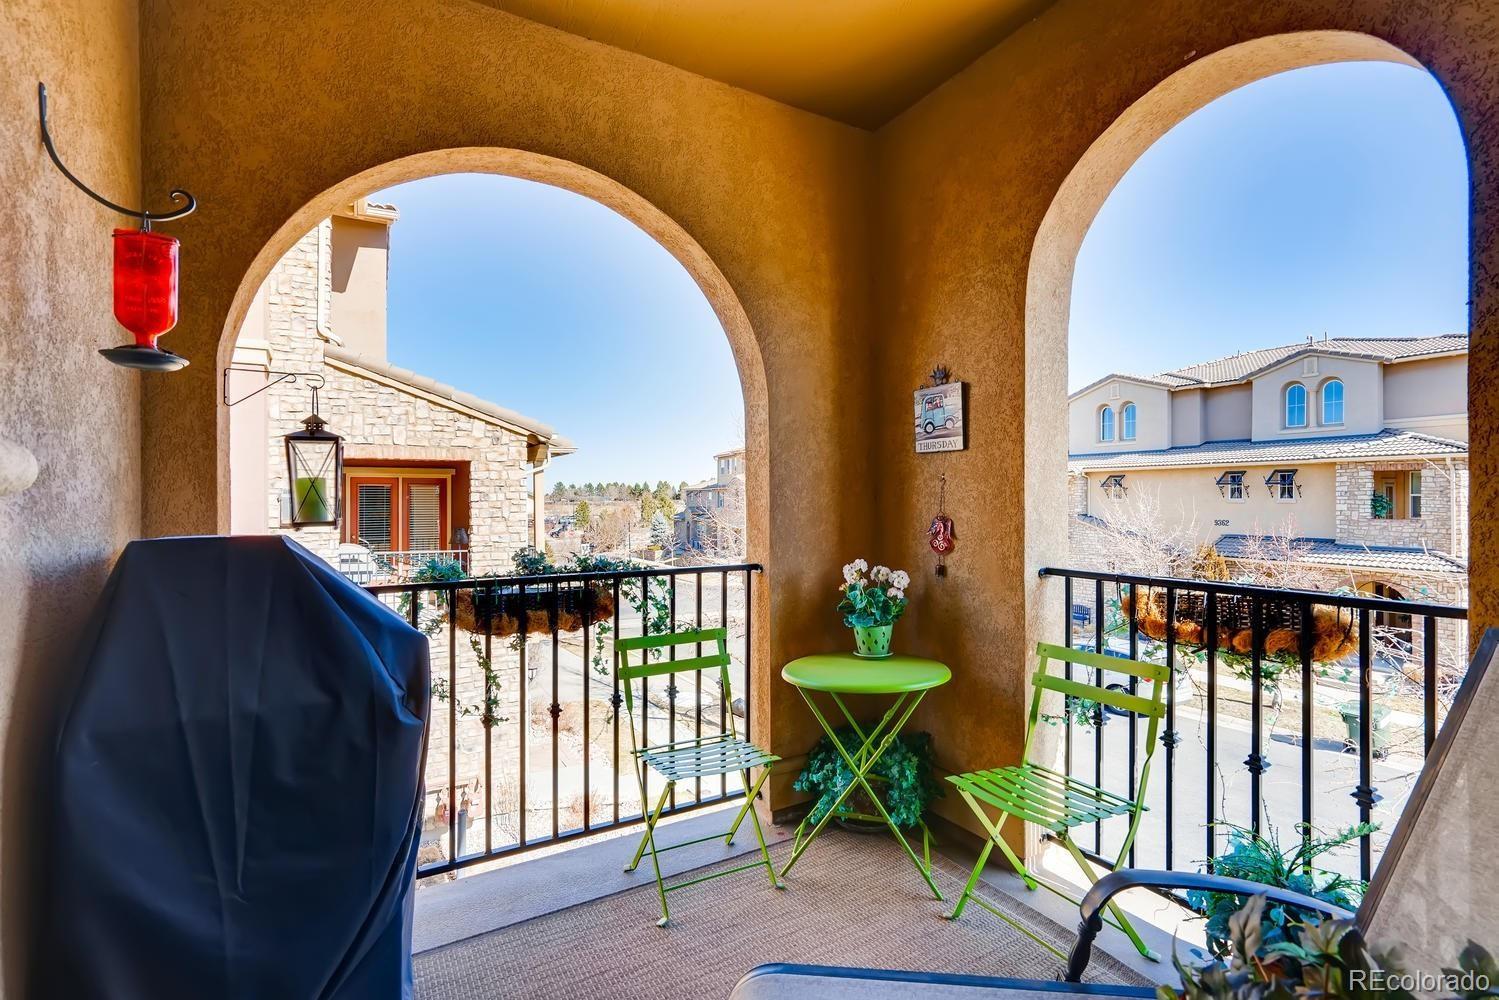 MLS# 5326326 - 27 - 9371 Loggia Street #D, Highlands Ranch, CO 80126